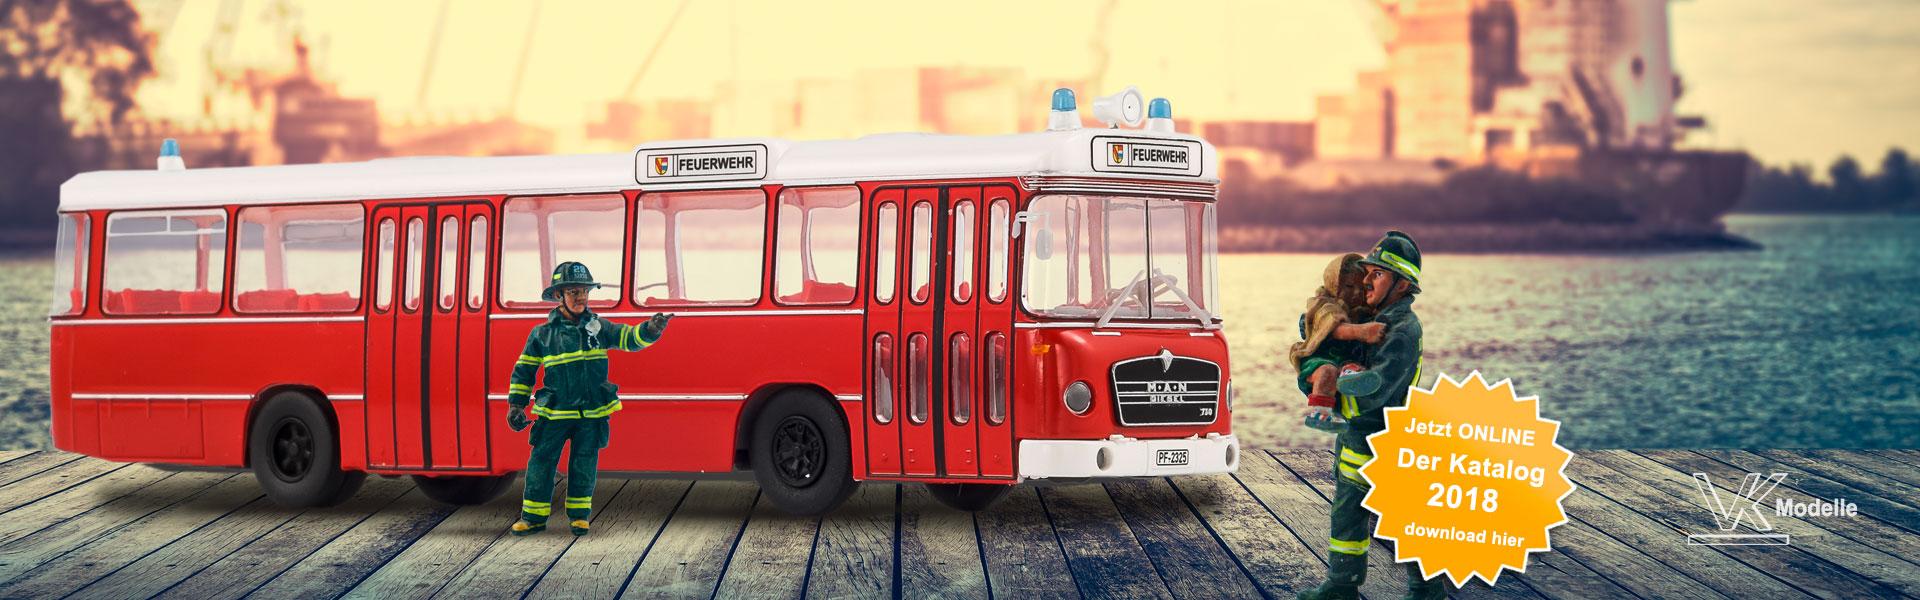 Kataloge Feuerwehrbus - VK-Modelle